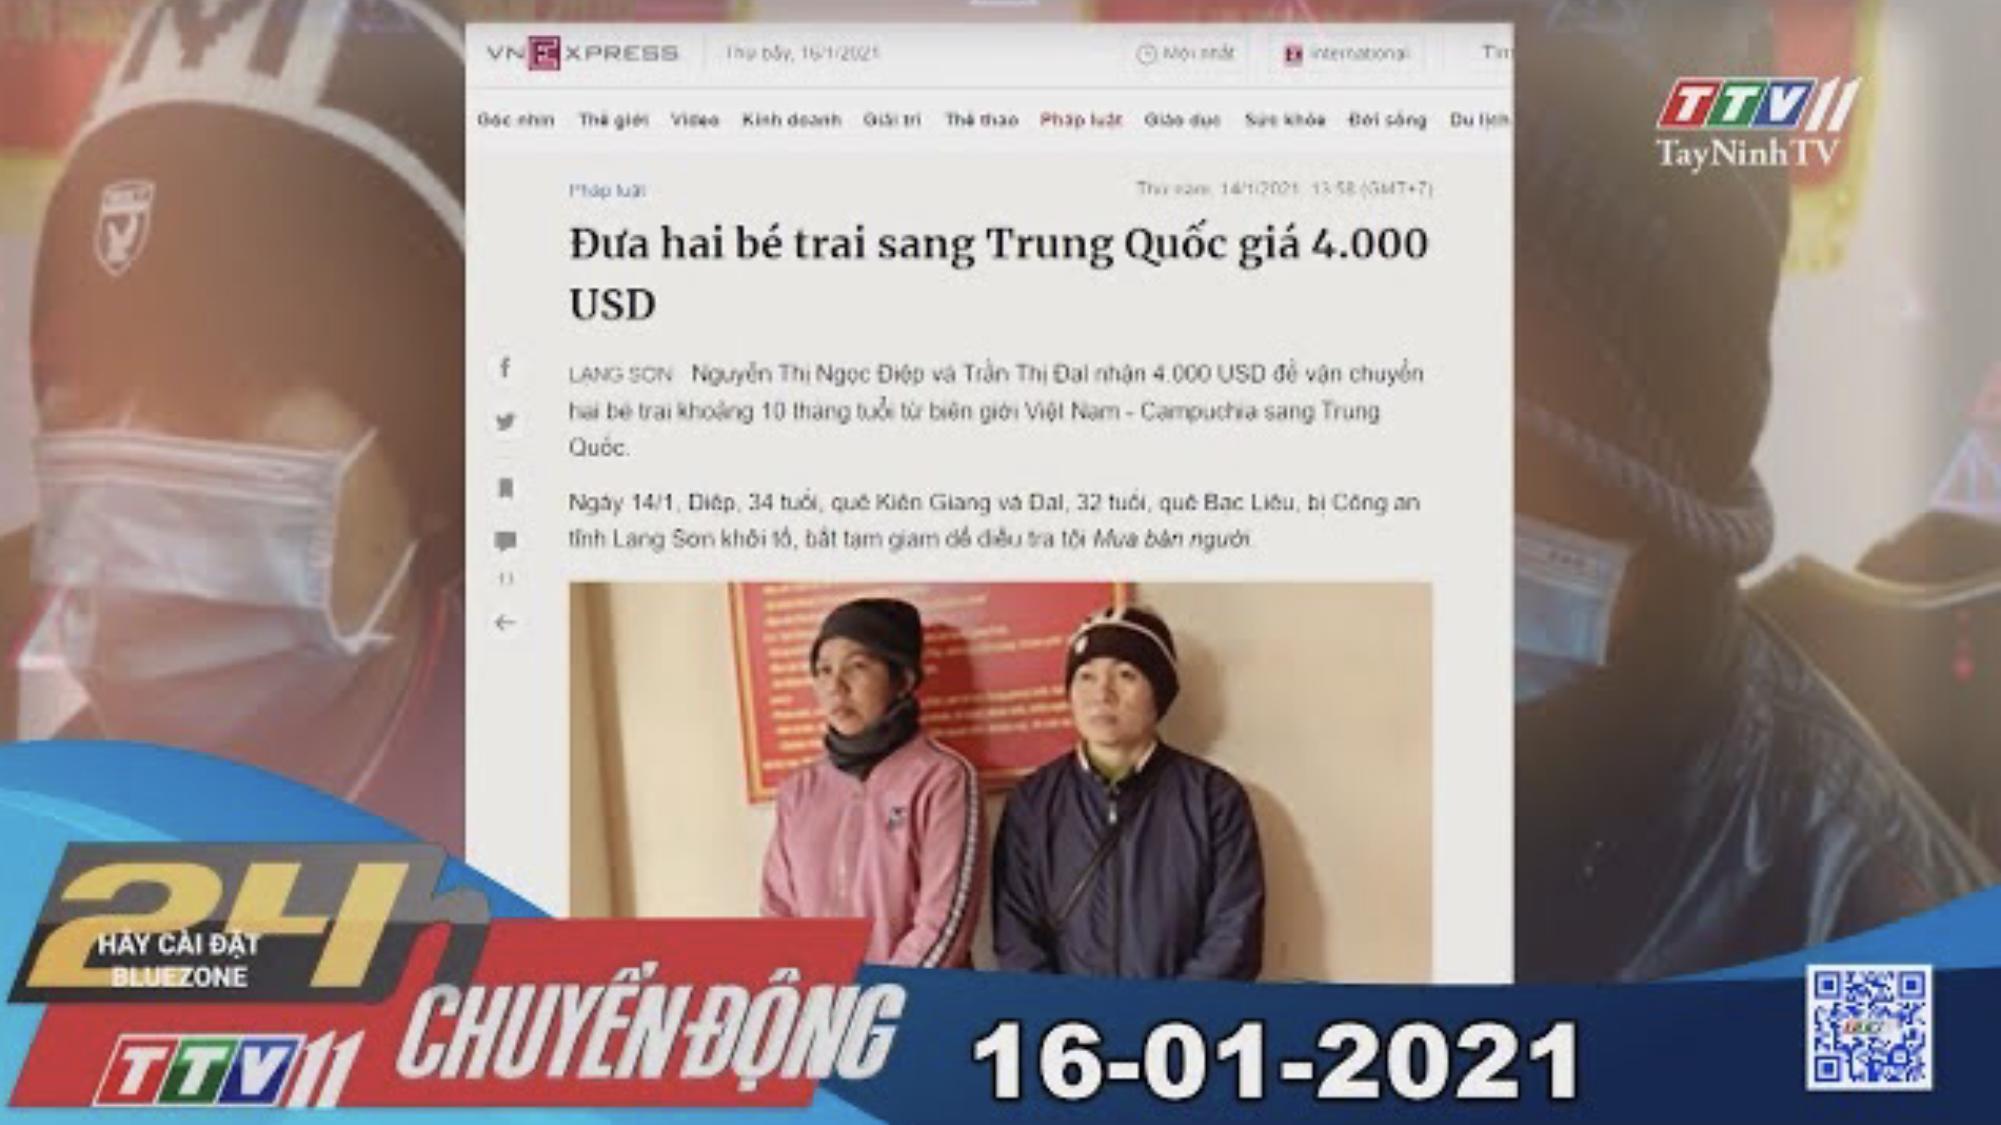 24h Chuyển động 16-01-2021 | Tin tức hôm nay | TayNinhTV